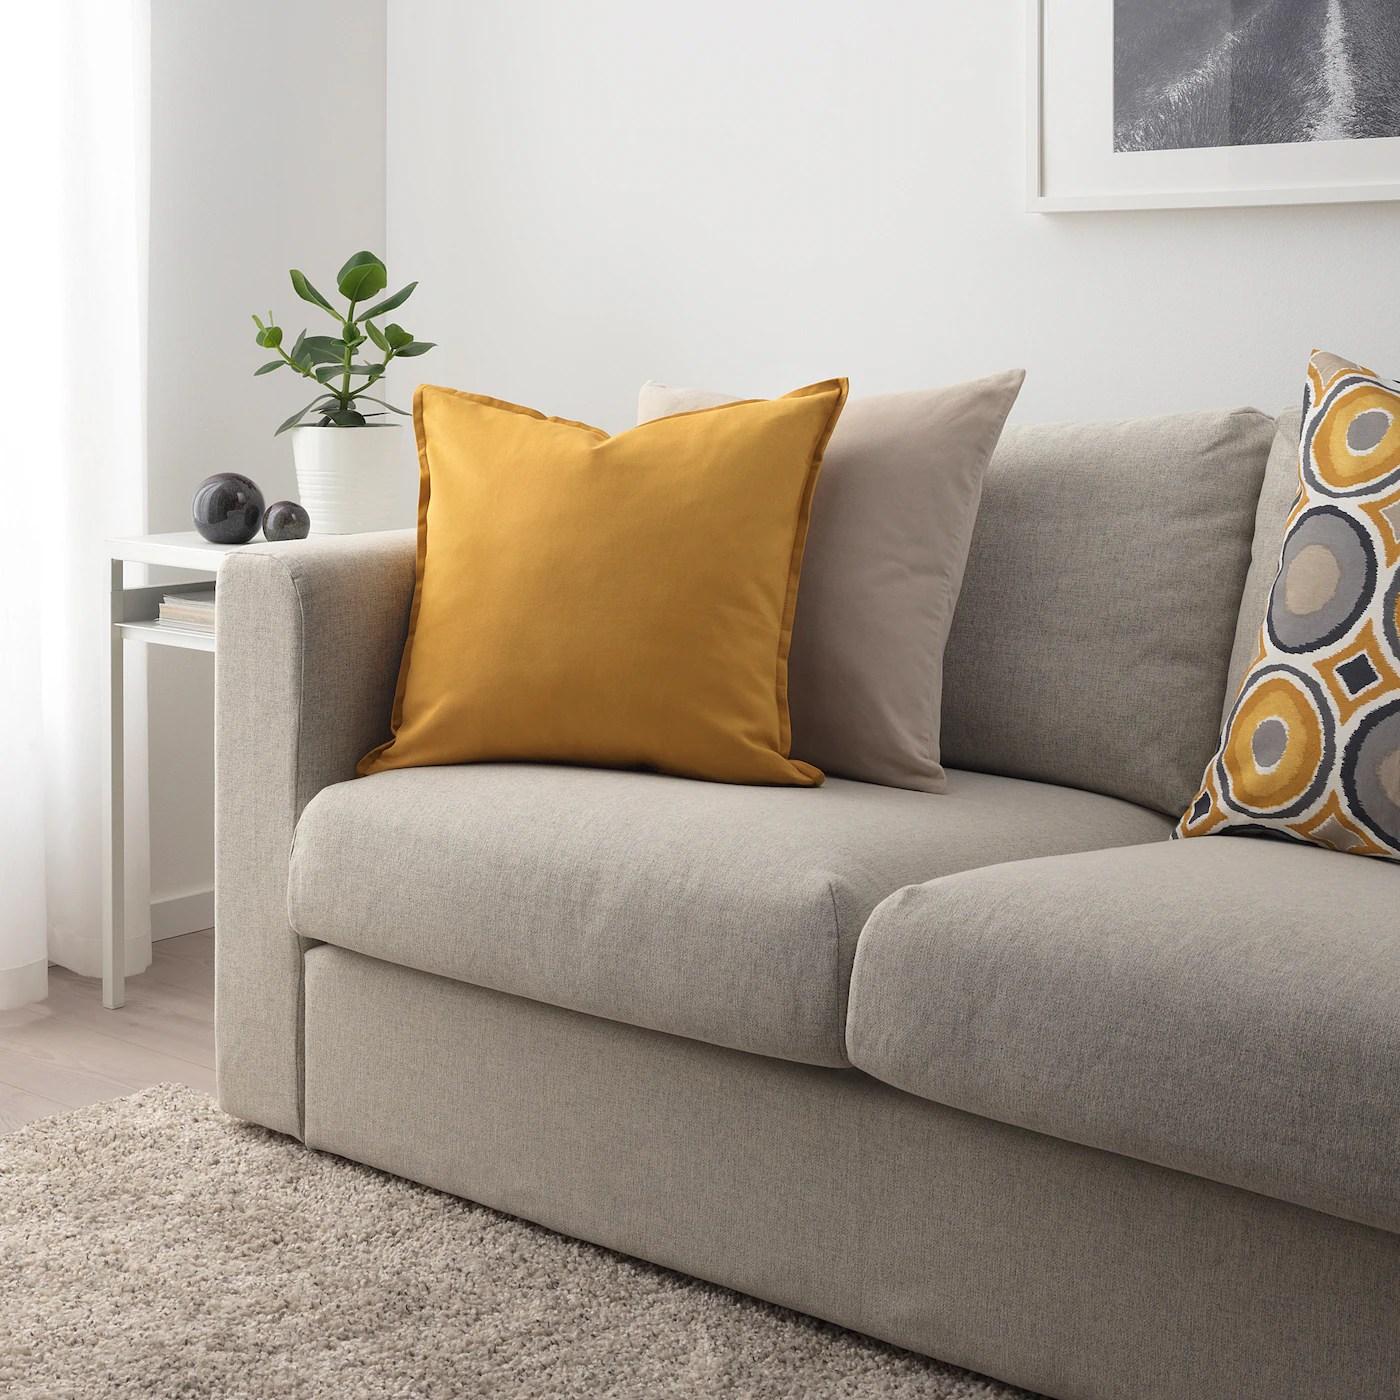 Gurli Housse De Coussin Jaune Dore 50x50 Cm Ikea